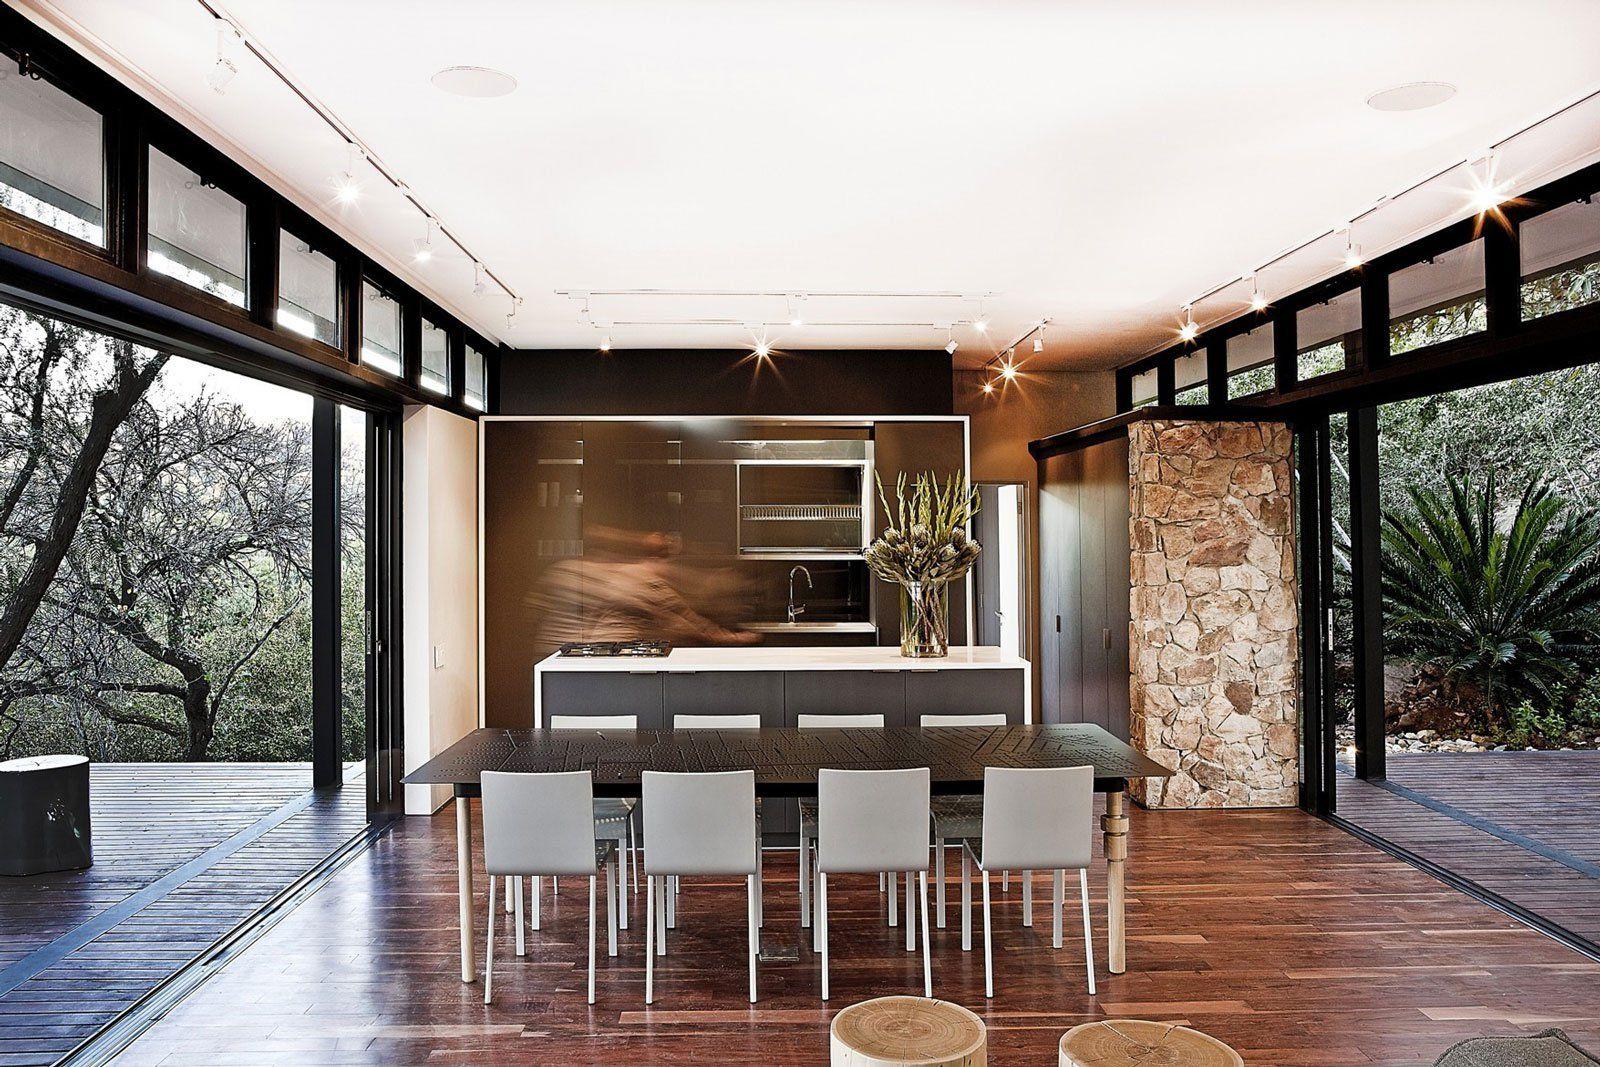 Moderna casa de campo con estructura acero comedores - Casas prefabricadas diseno ...